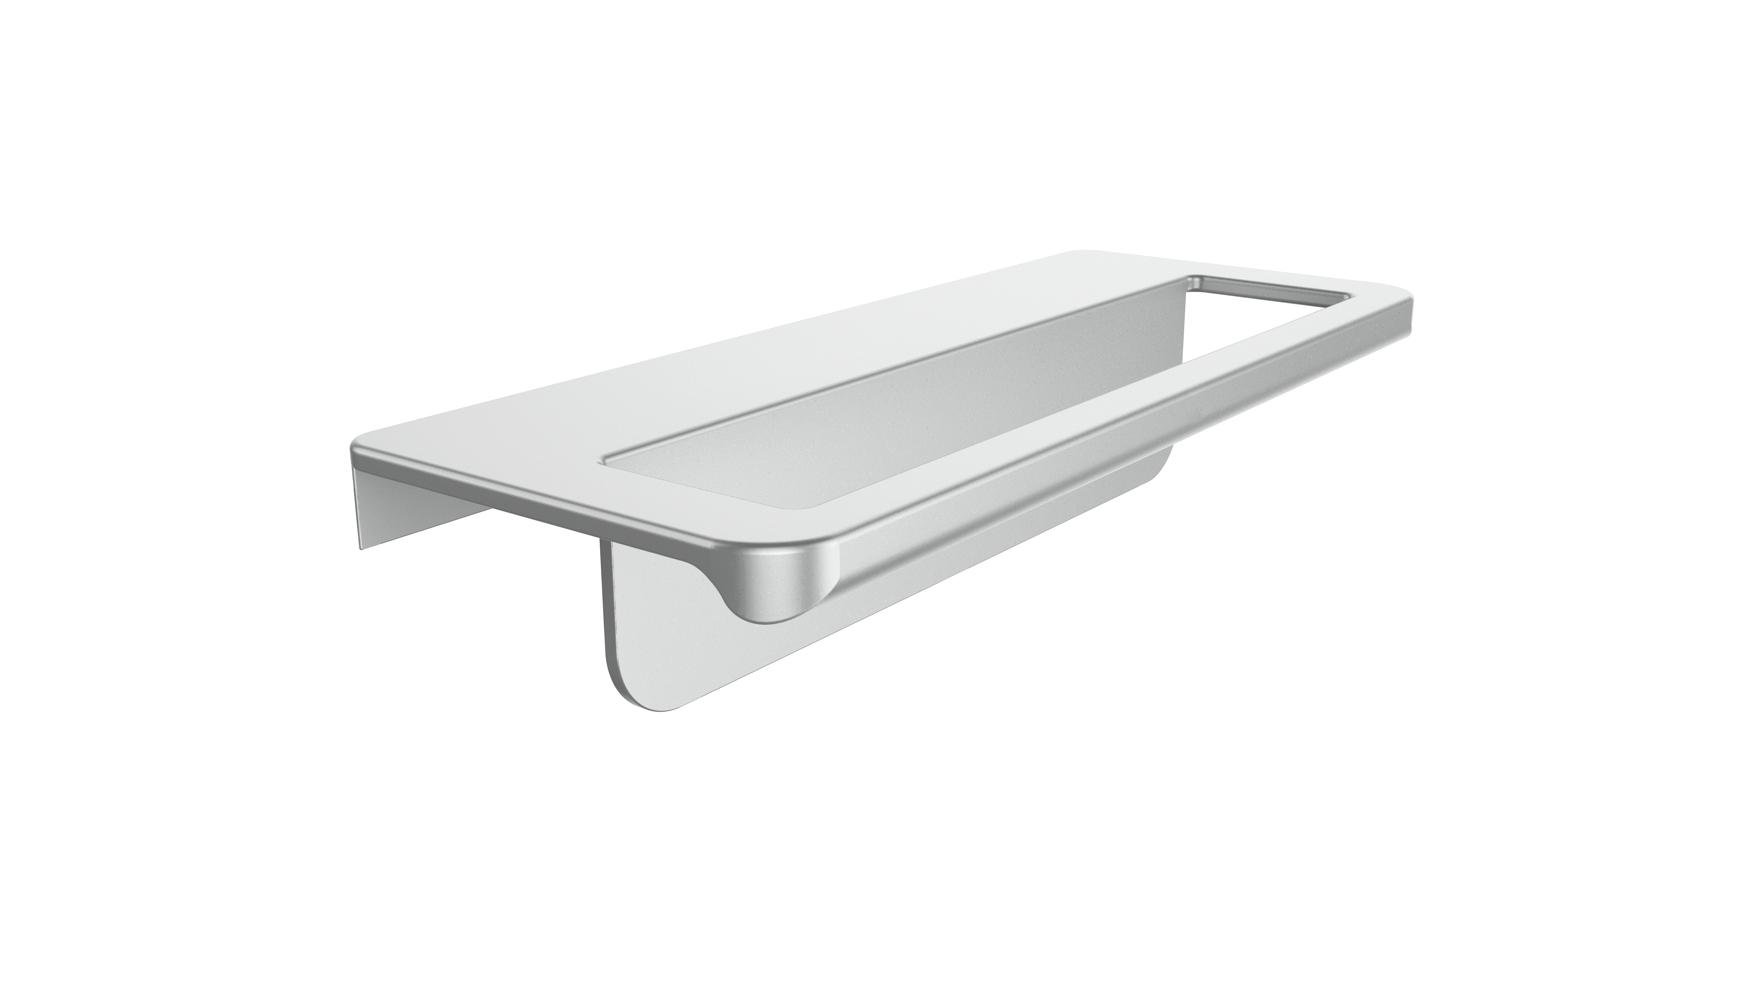 Handtuchhalter Küche handtuchhalter arreda systems ihr aluminium spezialist aus bünde